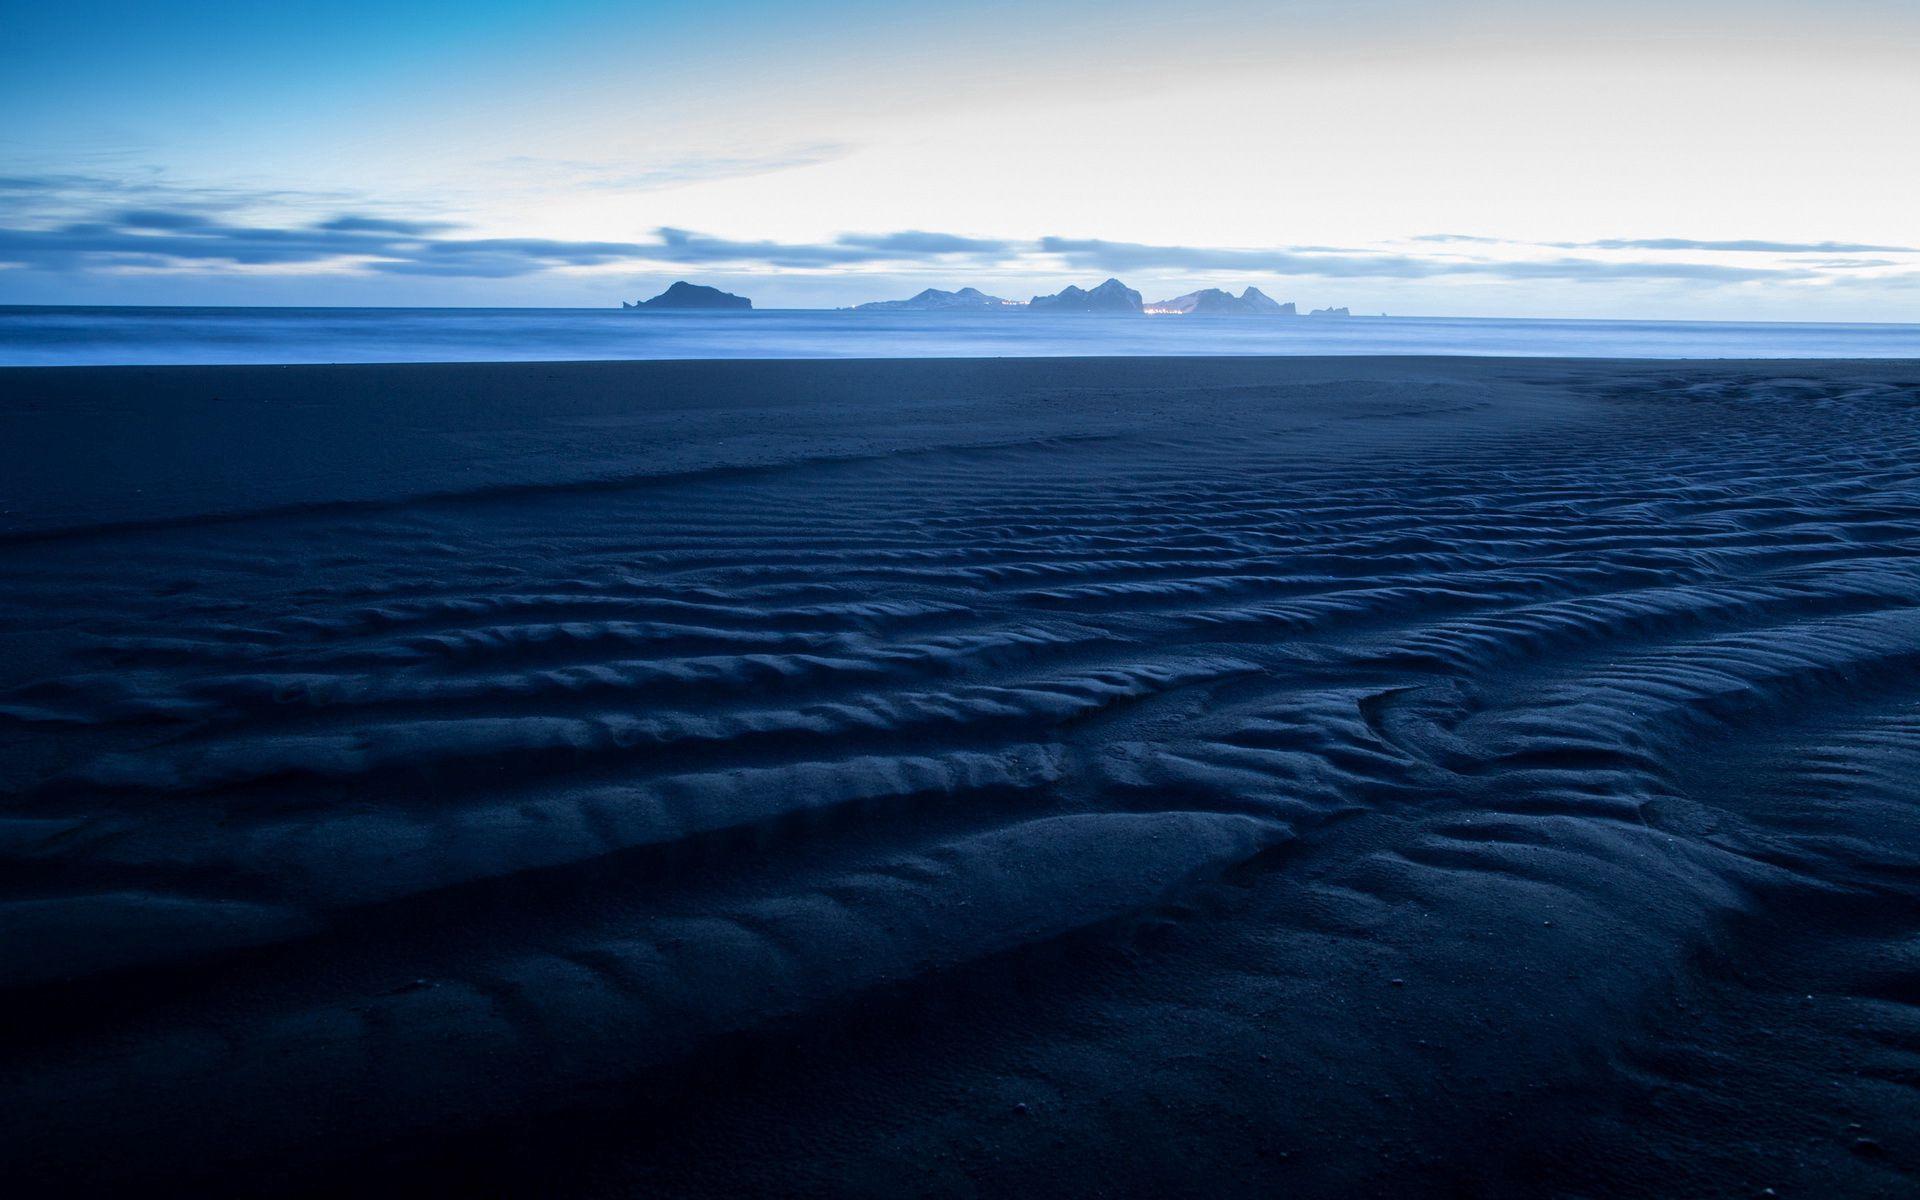 141232 Заставки и Обои Песок на телефон. Скачать Природа, Море, Песок, Горизонт, Берег картинки бесплатно